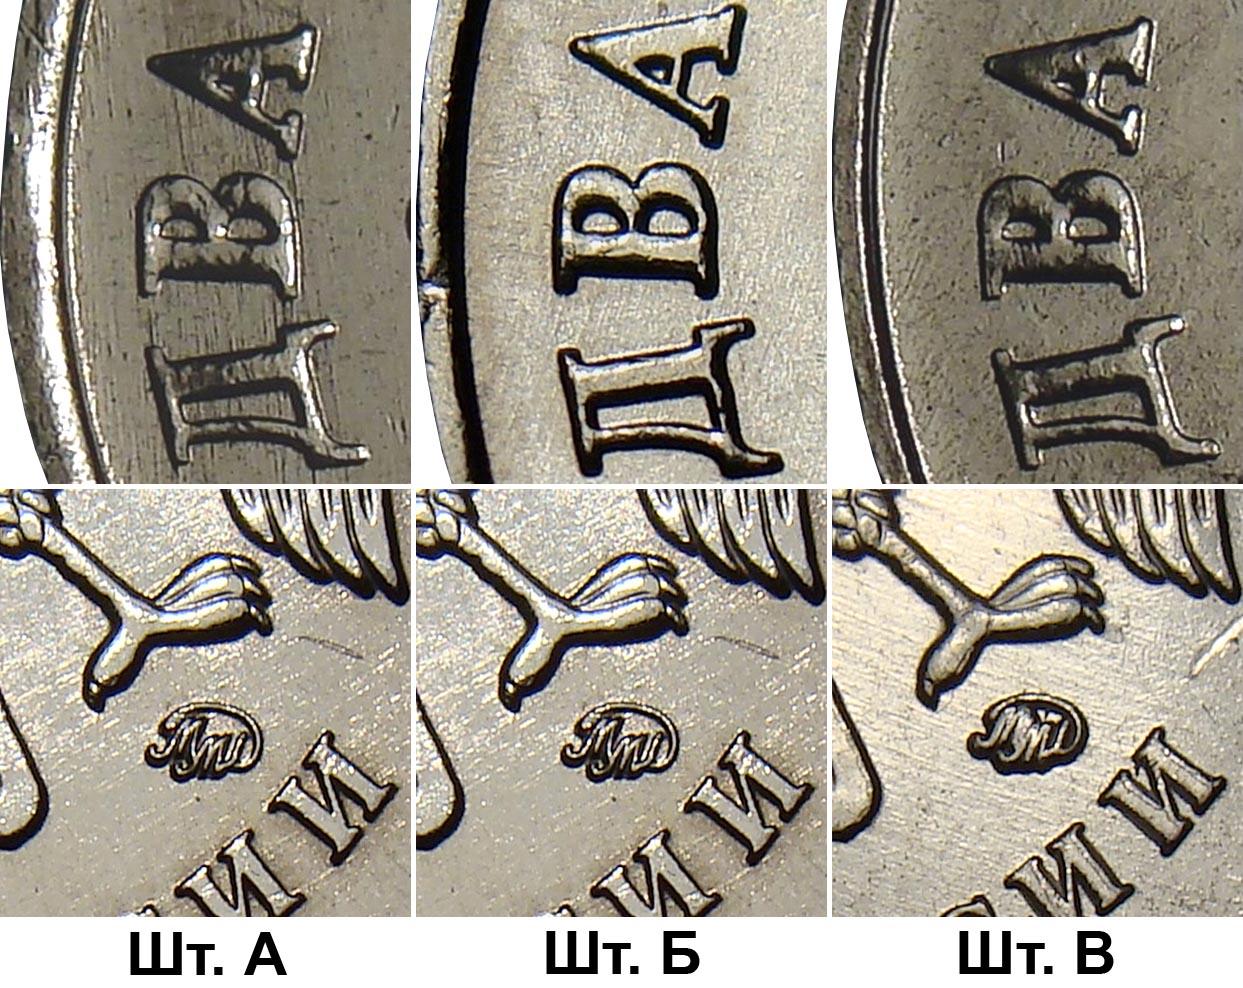 положение монограммы ММД на 2 рублях 2010 года, шт.А, шт.Б и шт.В по АС